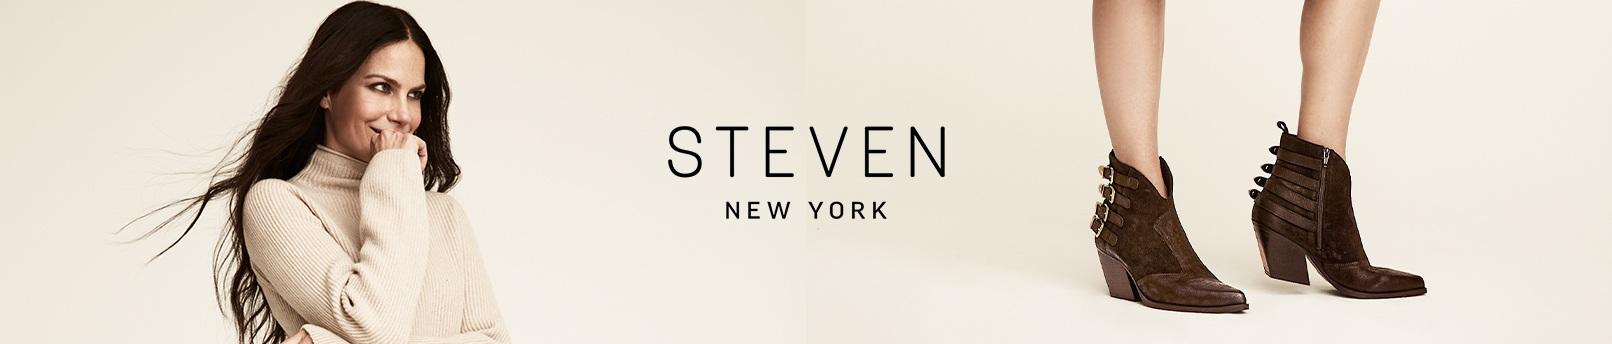 Découvrir Steven New York